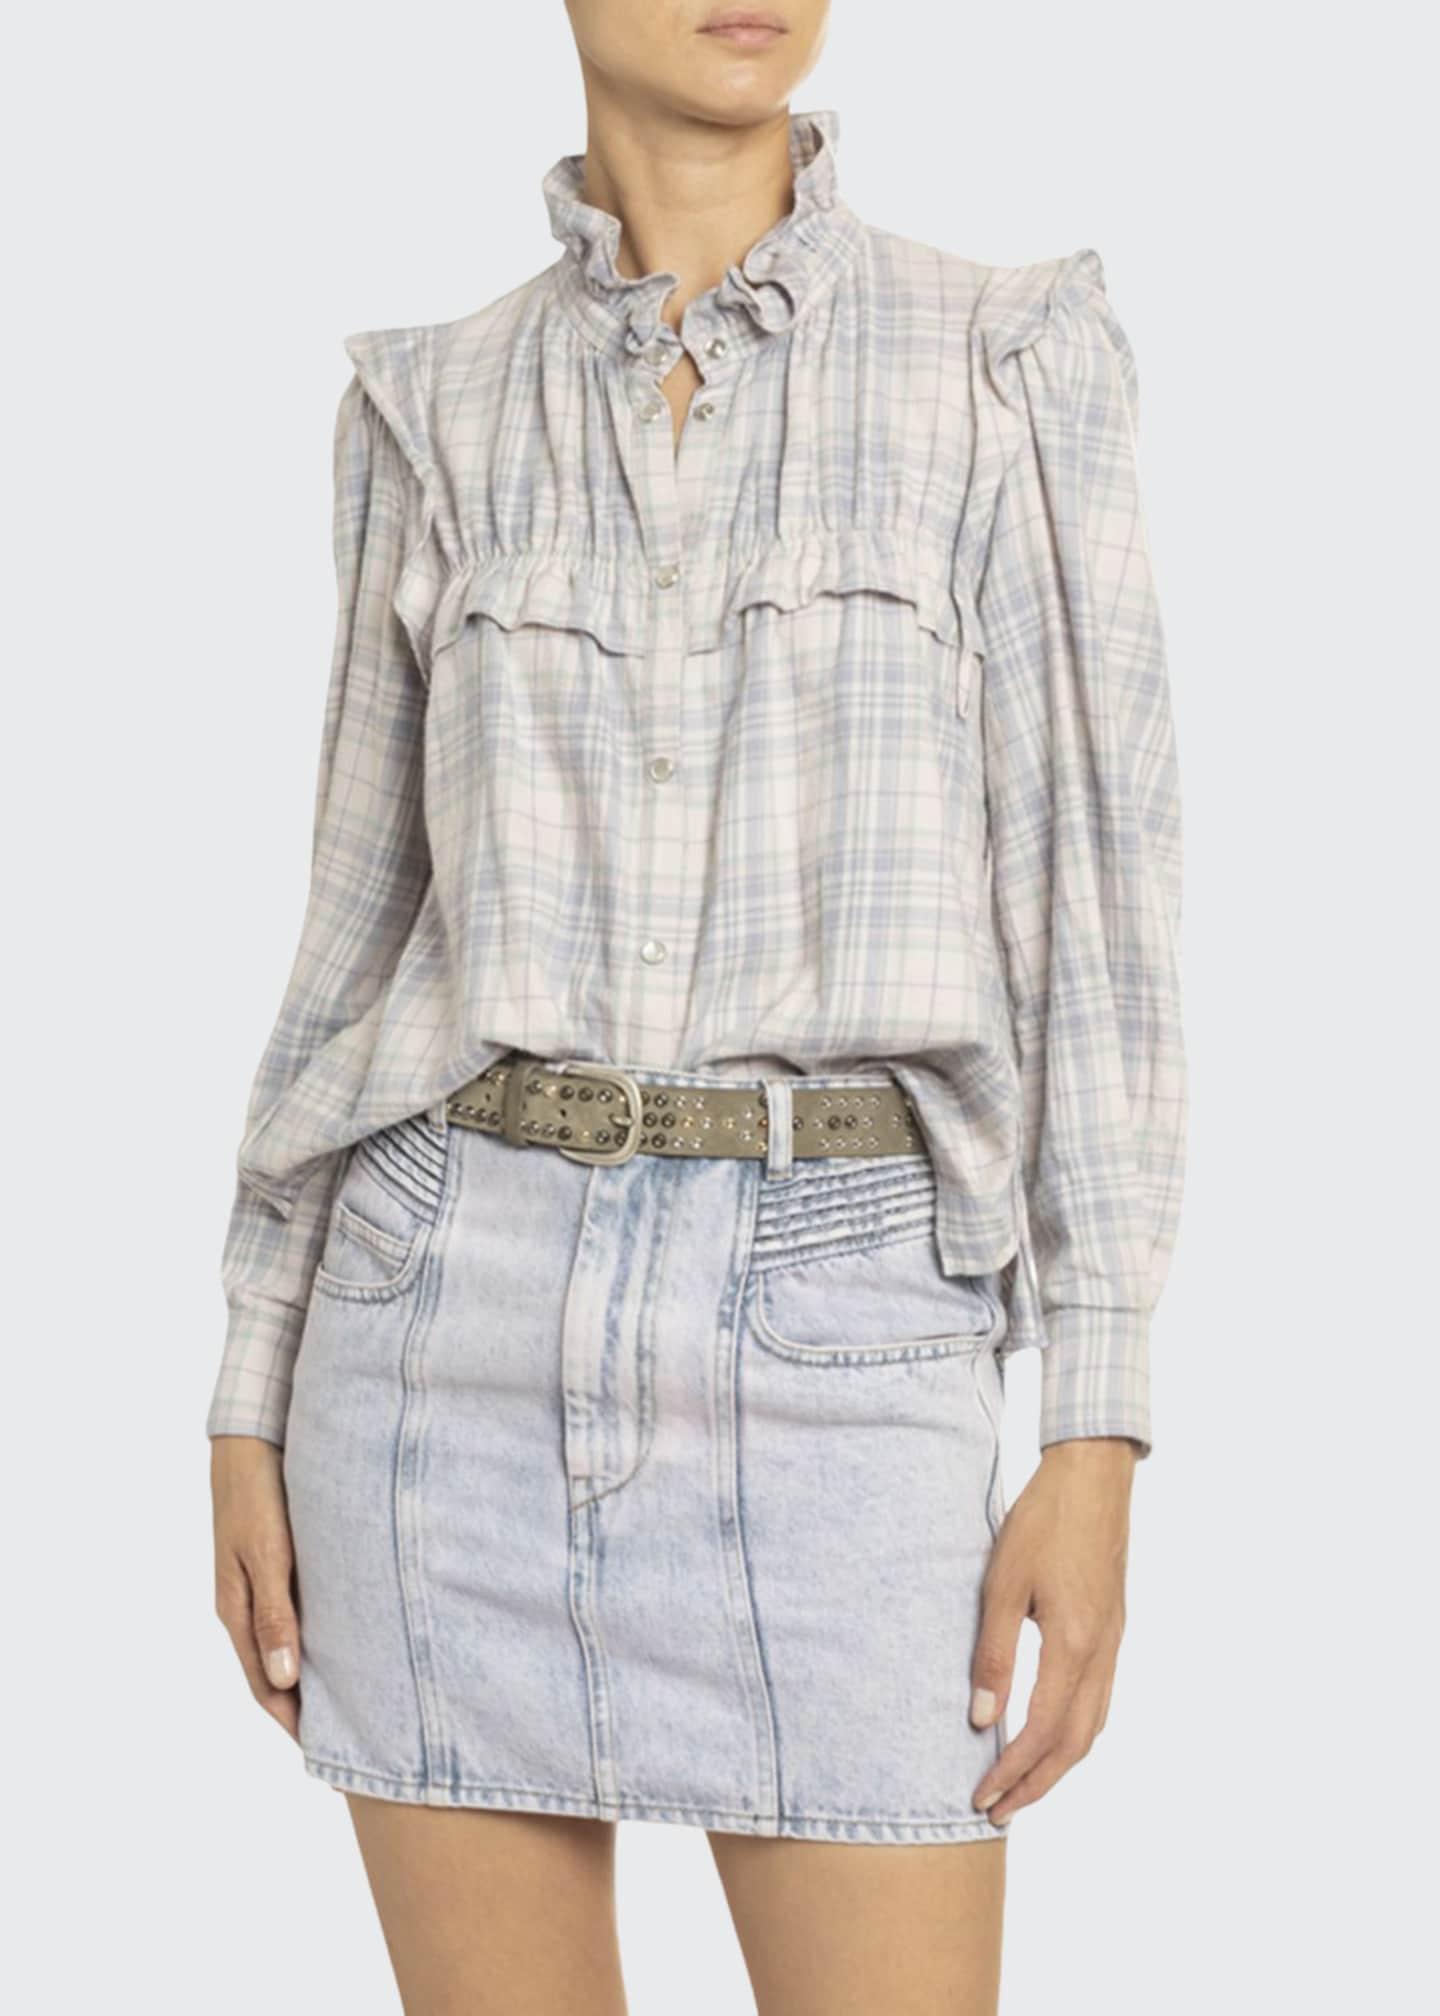 Etoile Isabel Marant Idety Ruffle-Trim Checked Cotton Shirt